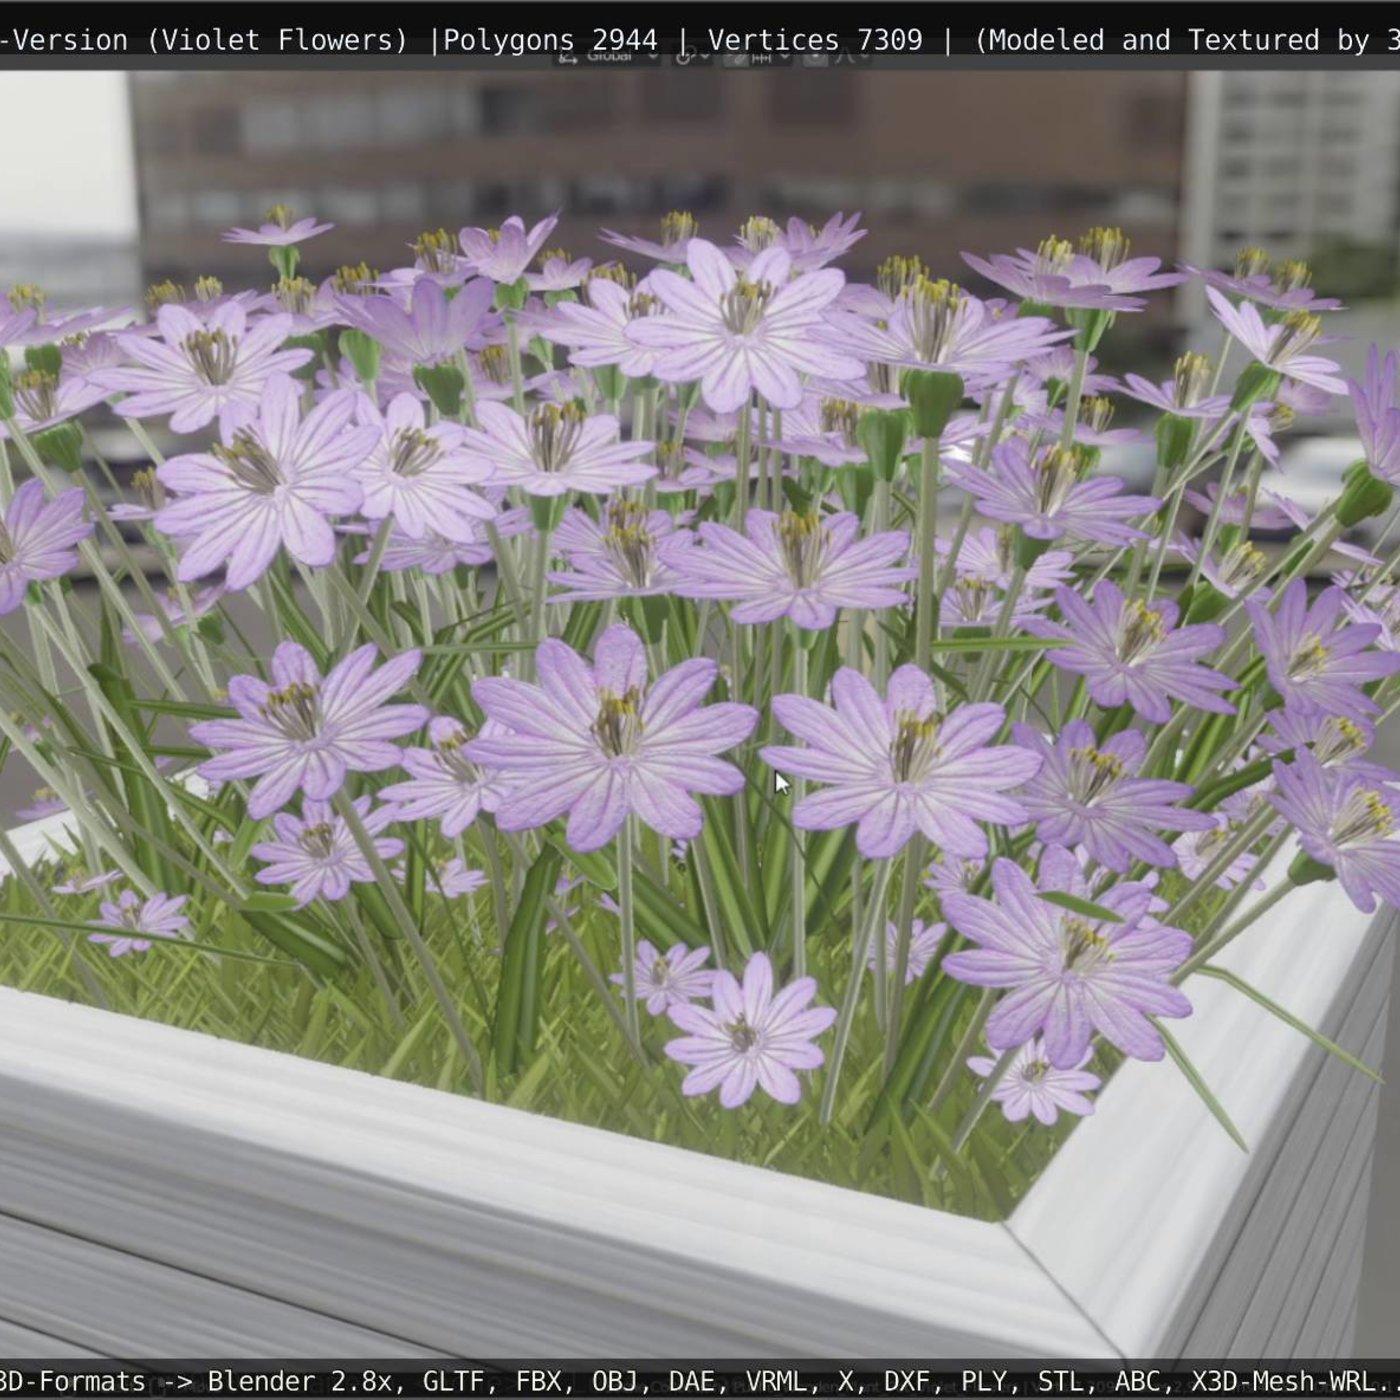 Public Plant Pot Wood-Version with Violet Flowers